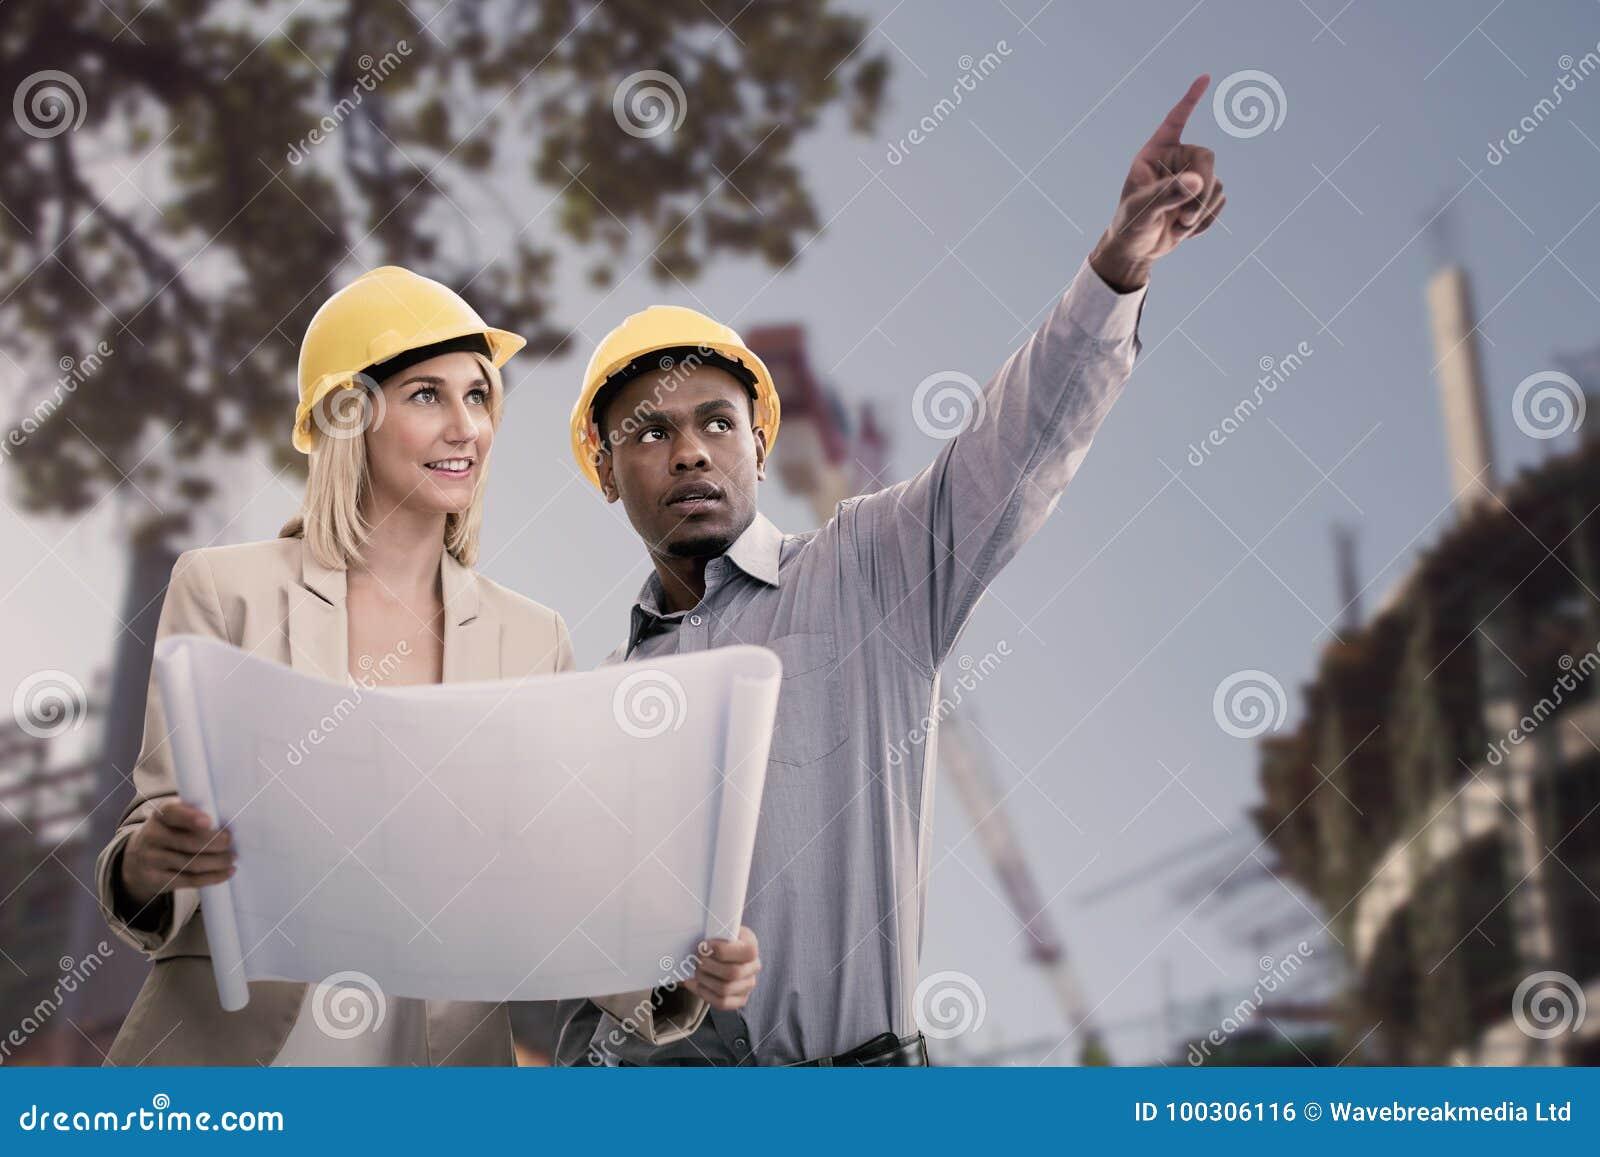 打手势人的综合的图象,当站立与女性建筑师时